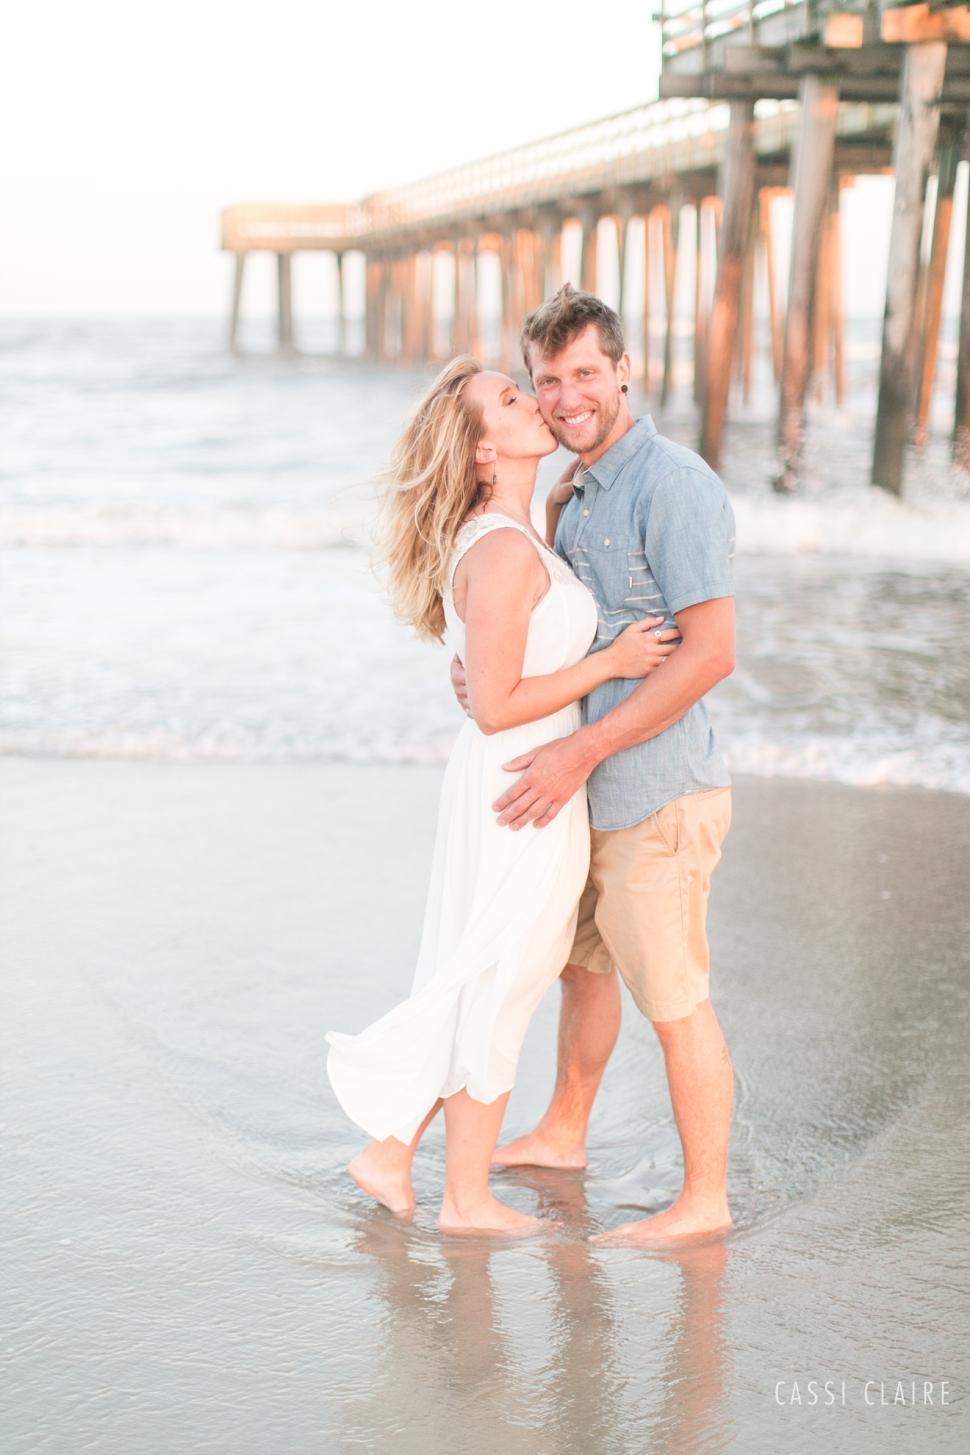 Avalon-Beach-Wedding-Photographer_21.jpg